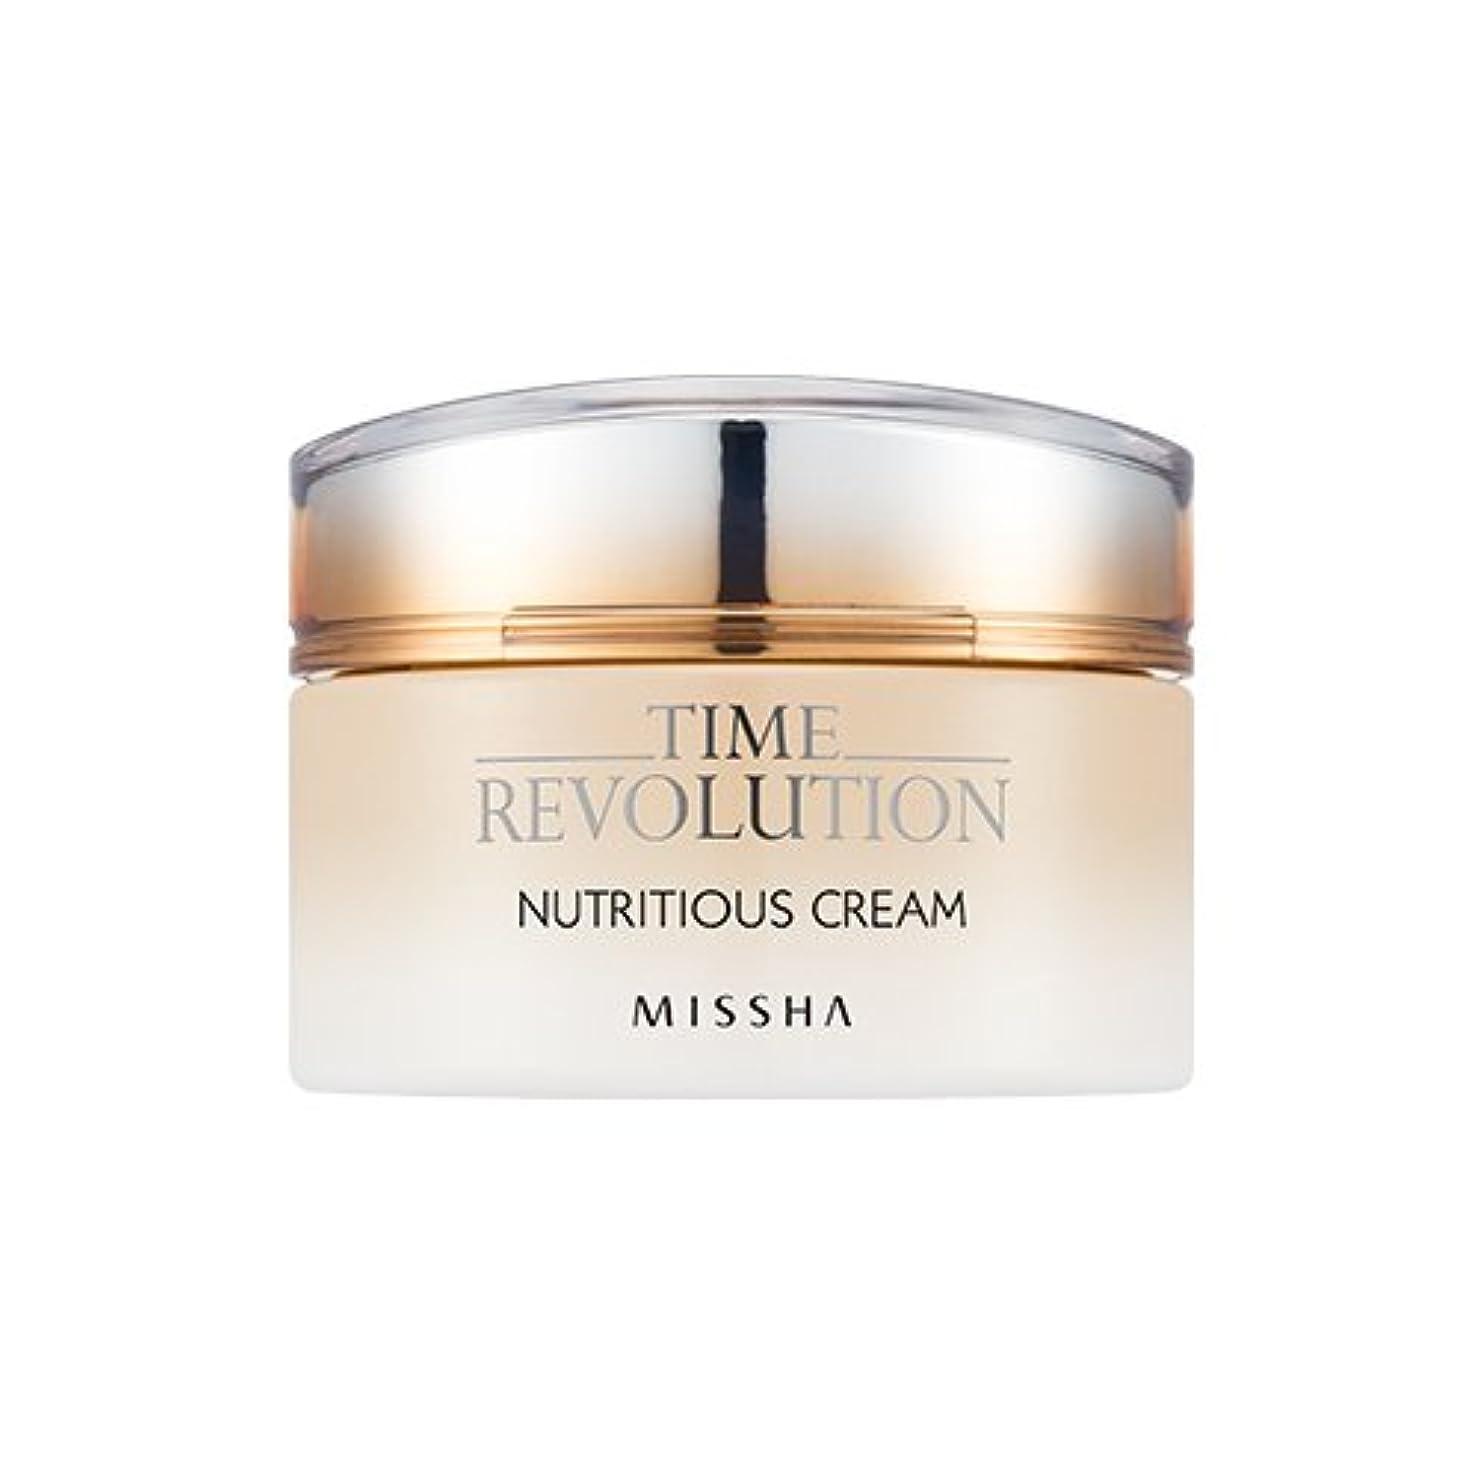 洞窟クーポン離れた[New] MISSHA Time Revolution Nutritious Cream 50ml/ミシャ タイム レボリューション ニュートリシャス クリーム 50ml [並行輸入品]